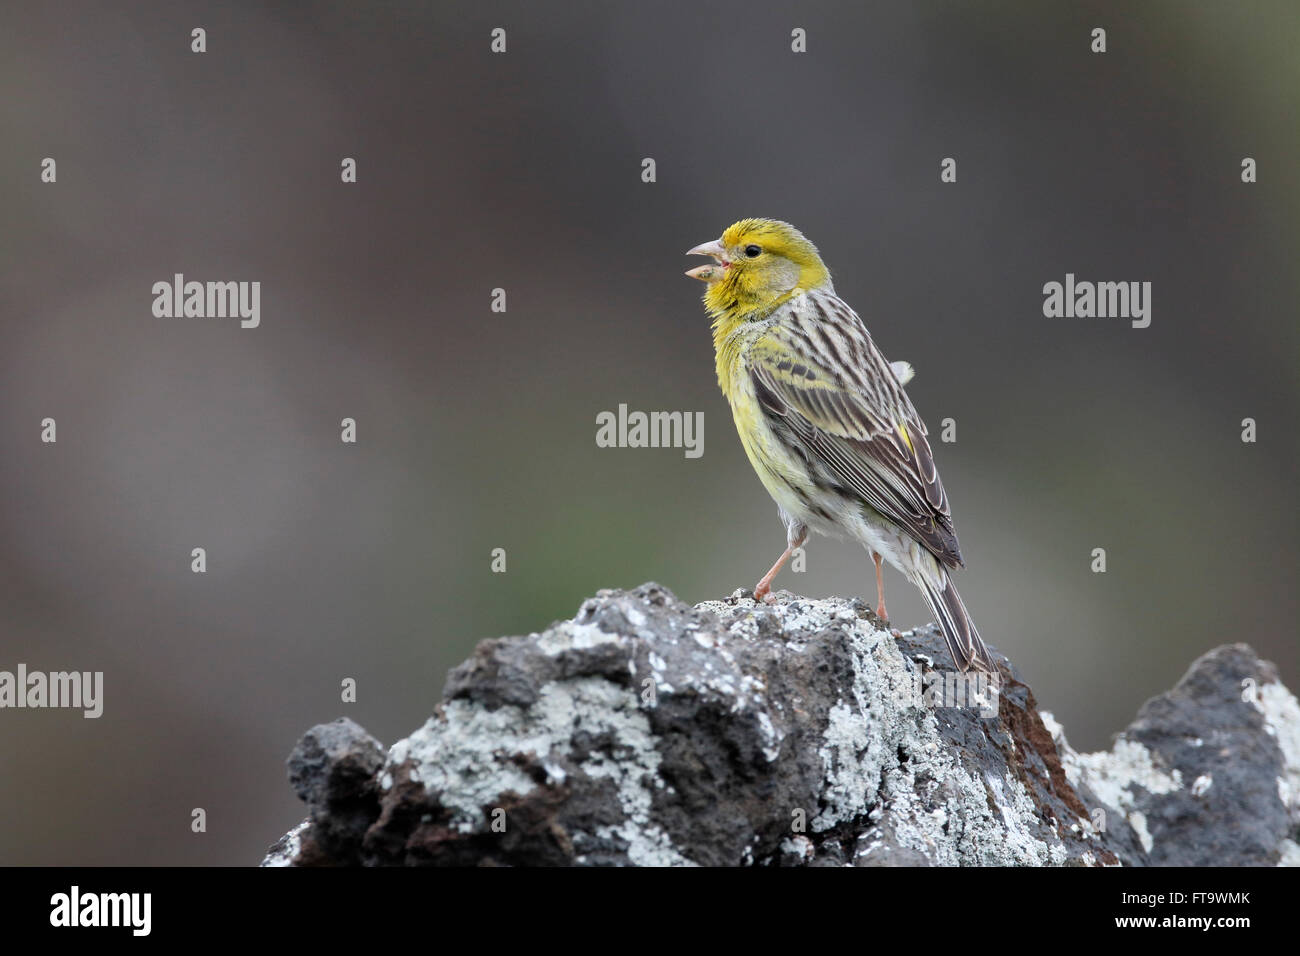 Atlantik Kanarische, Serinus Canaria, einziger Vogel auf Felsen, Madeira, März 2016 Stockbild